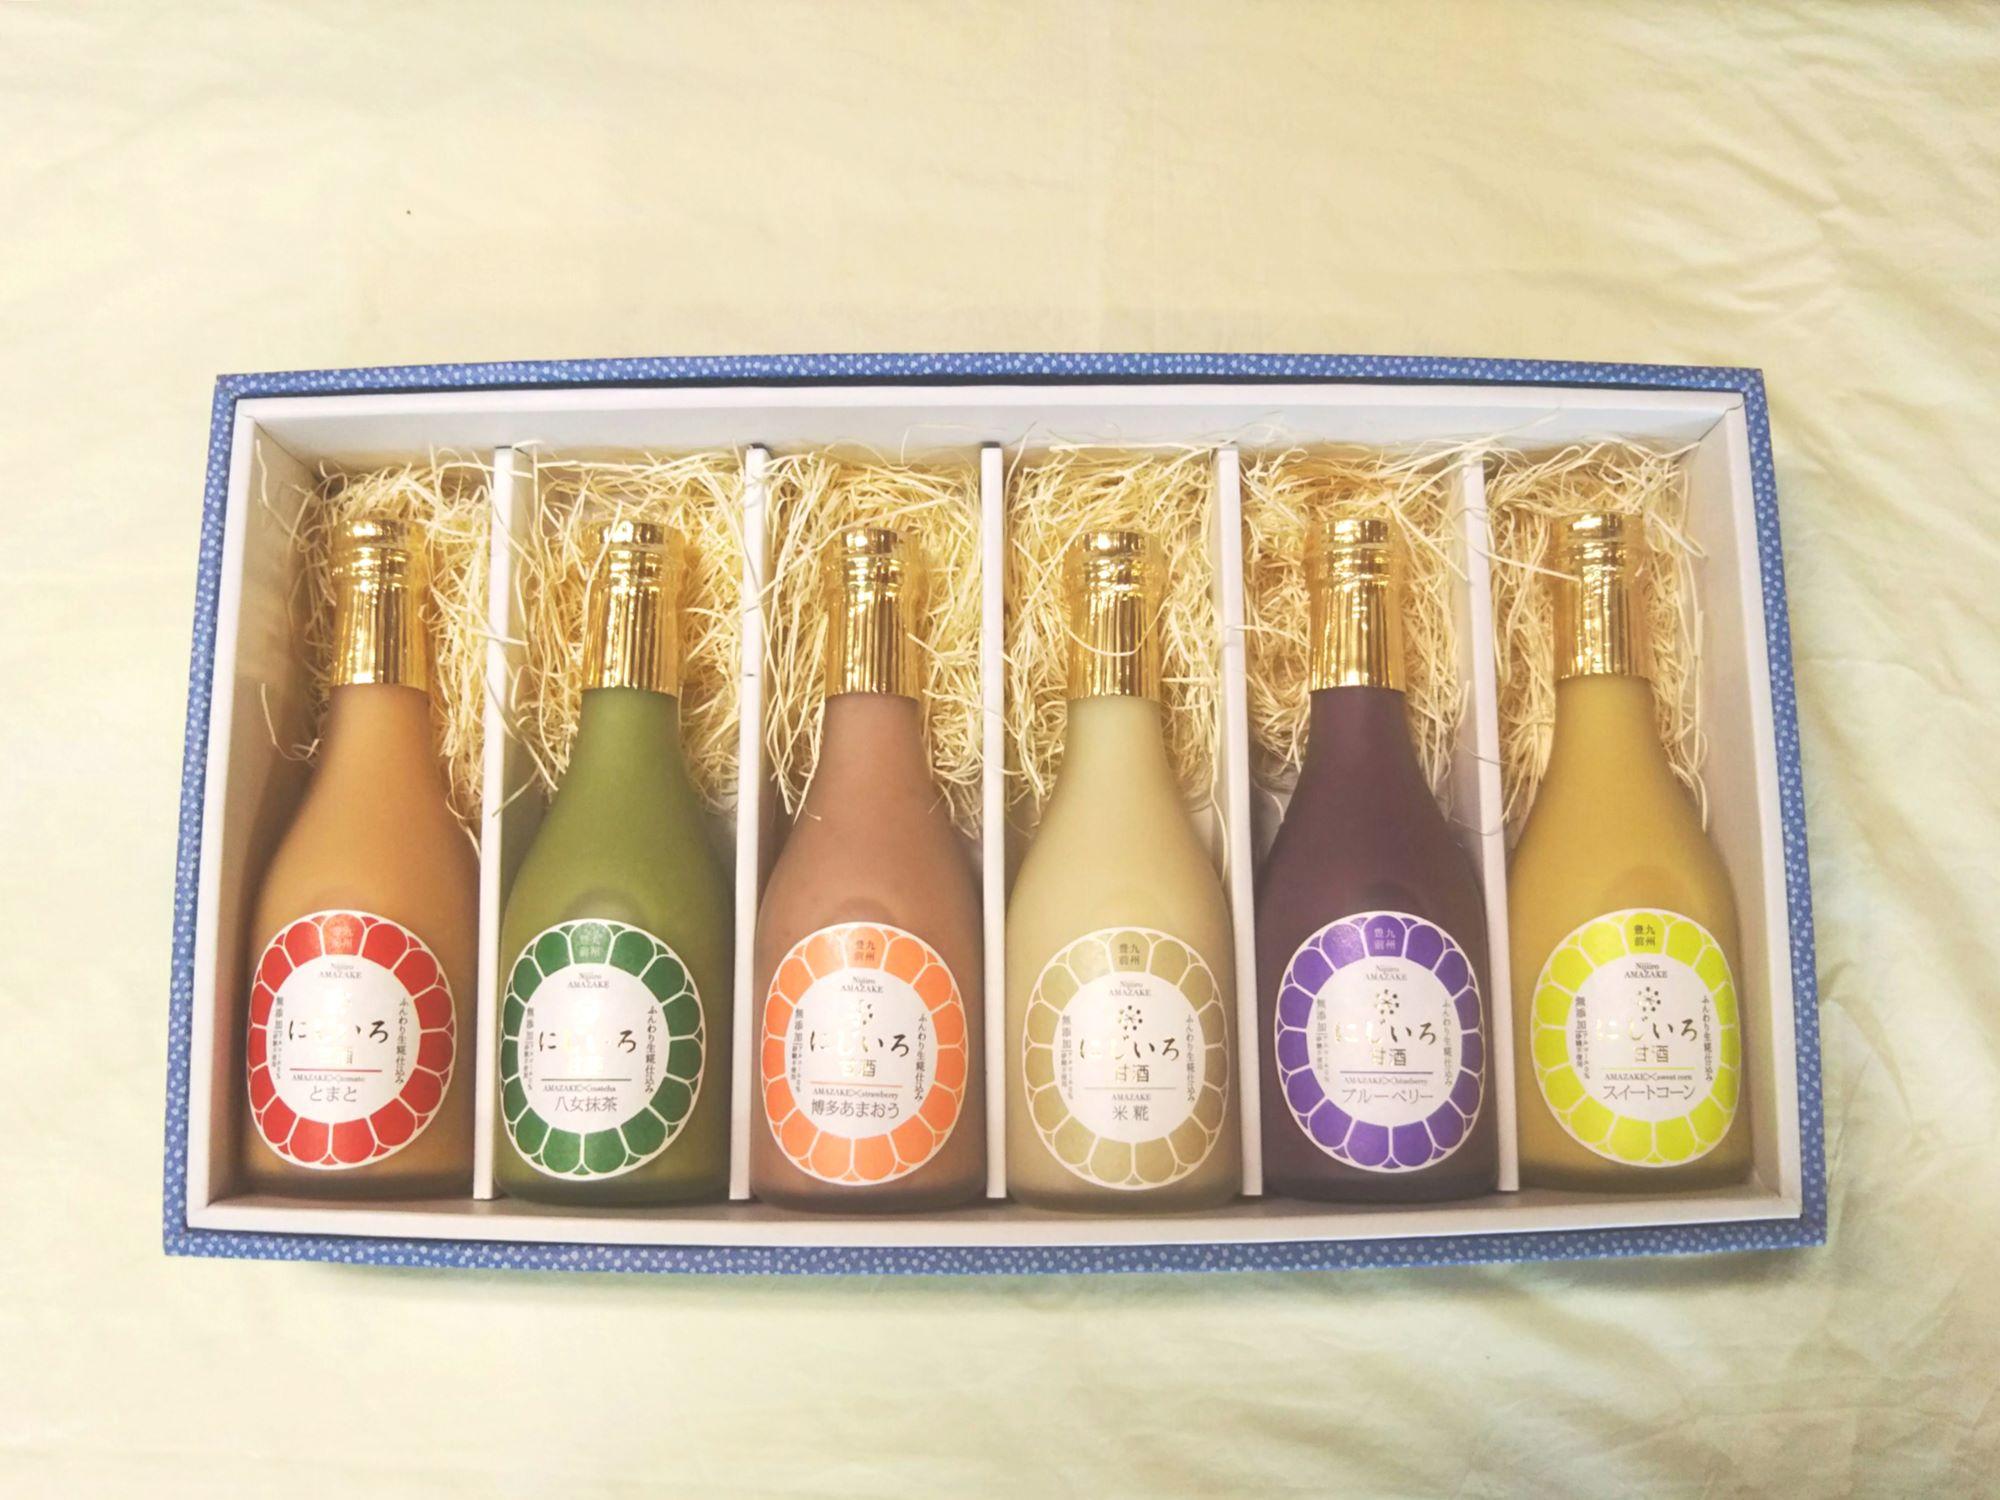 浦野醤油醸造元の夏季限定限定カラフルな6色ギフト(ブルーベリー・博多あまおう・とまと・スイートコーン・米糀・八女抹茶)